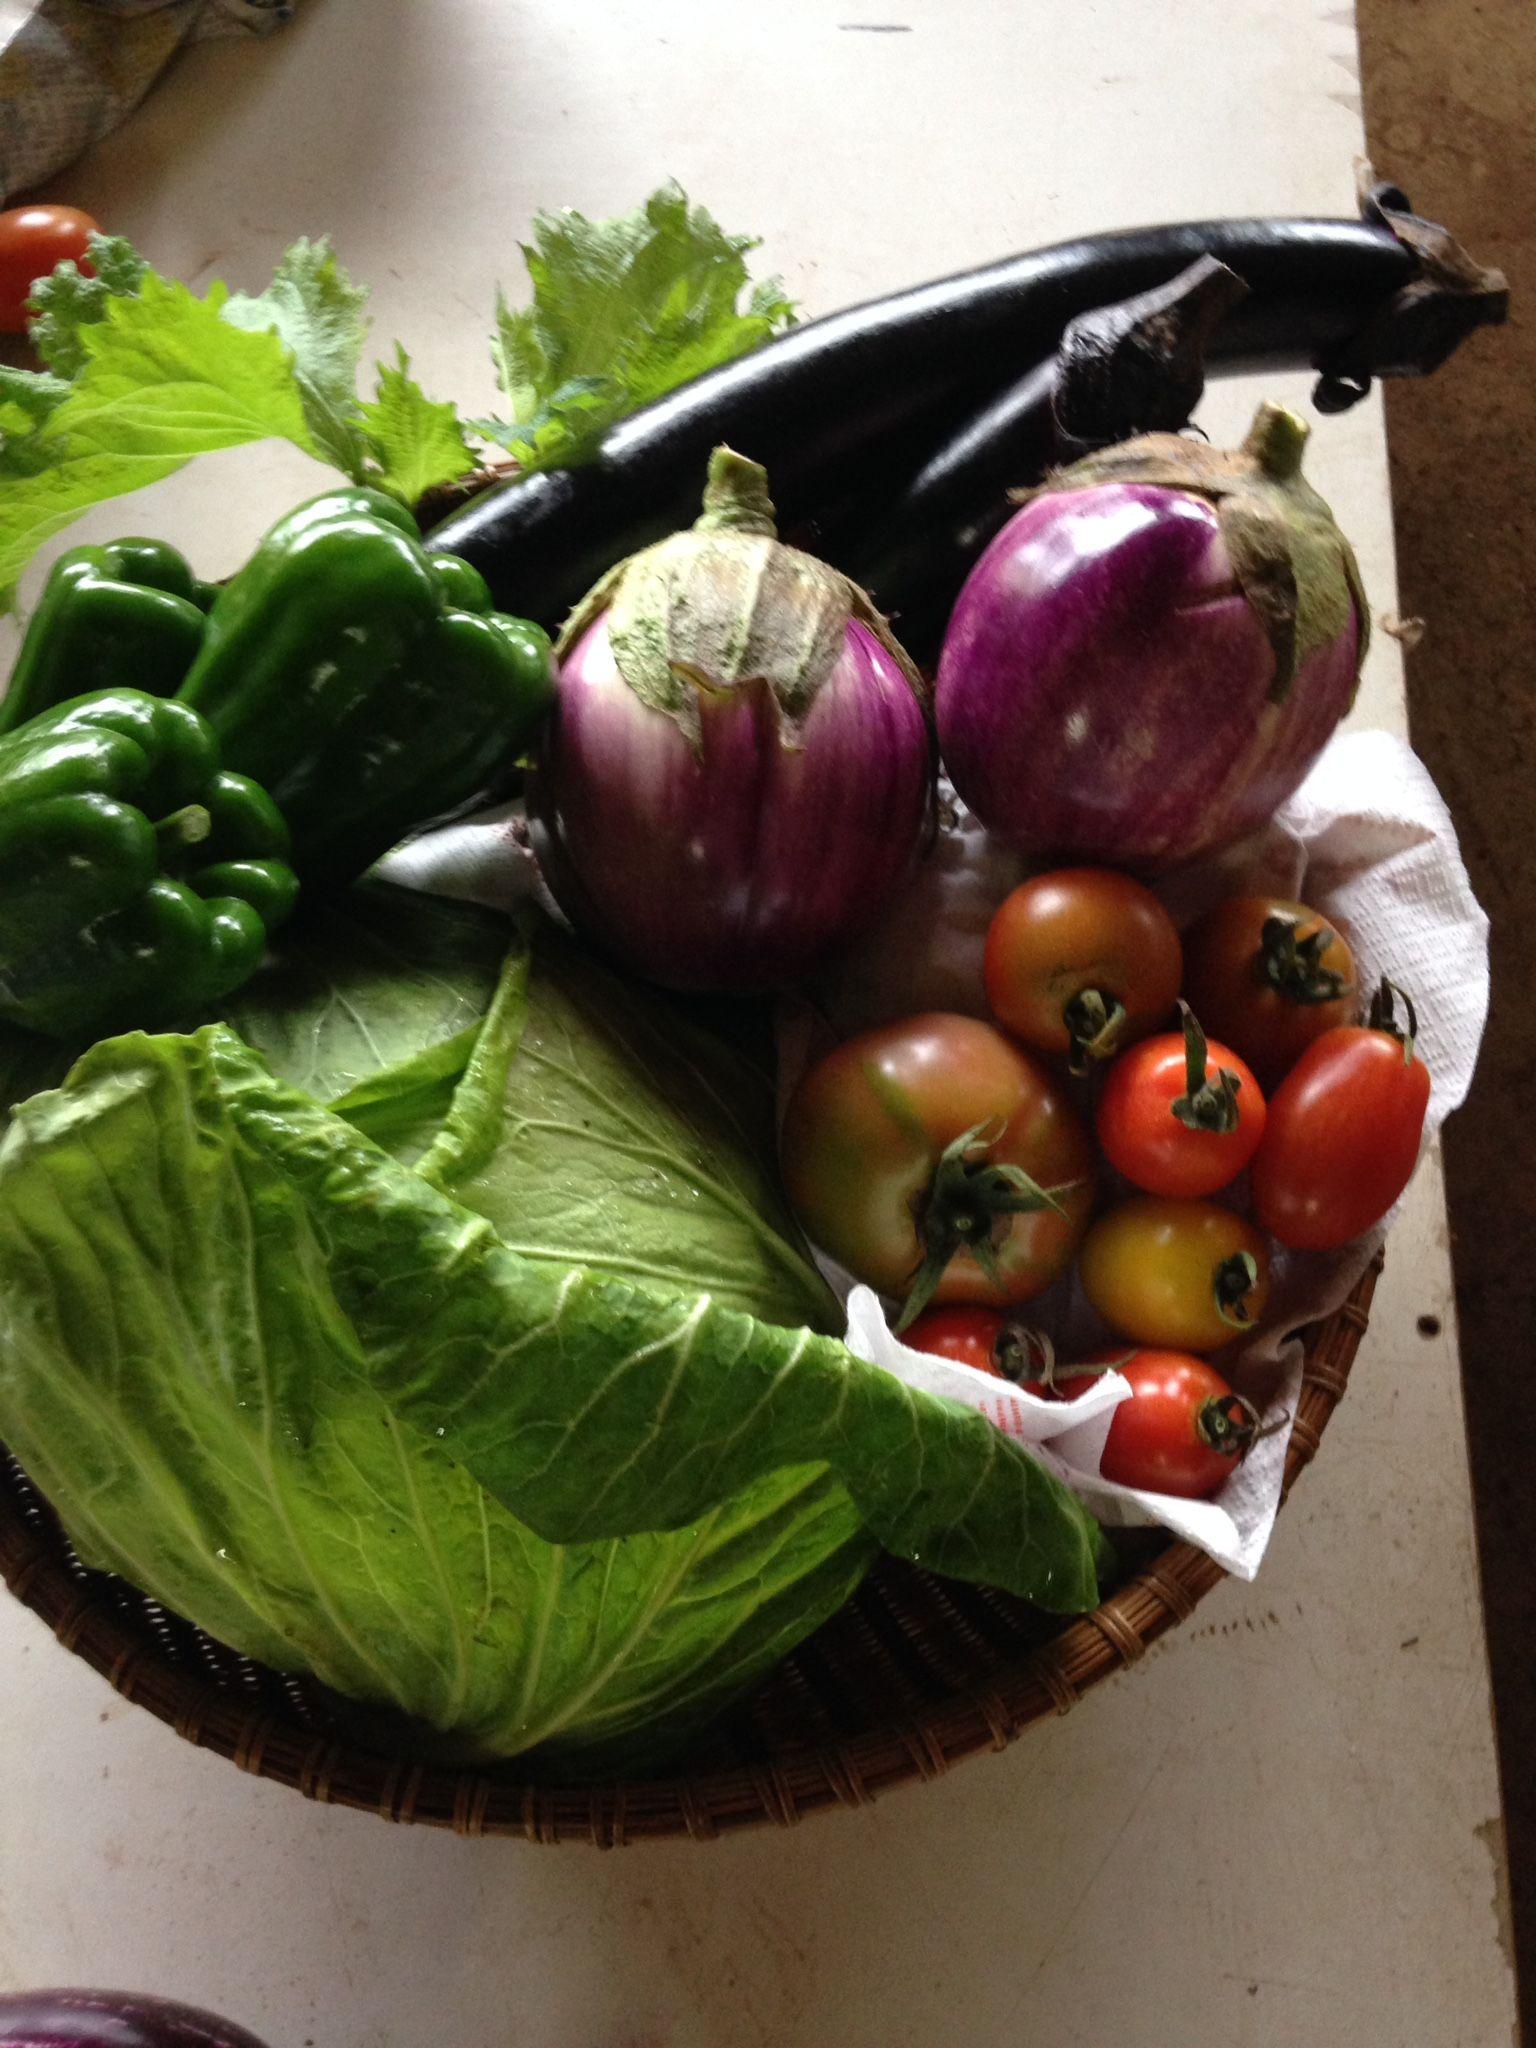 旬の有機JASお試し野菜セット8品目 送料込み